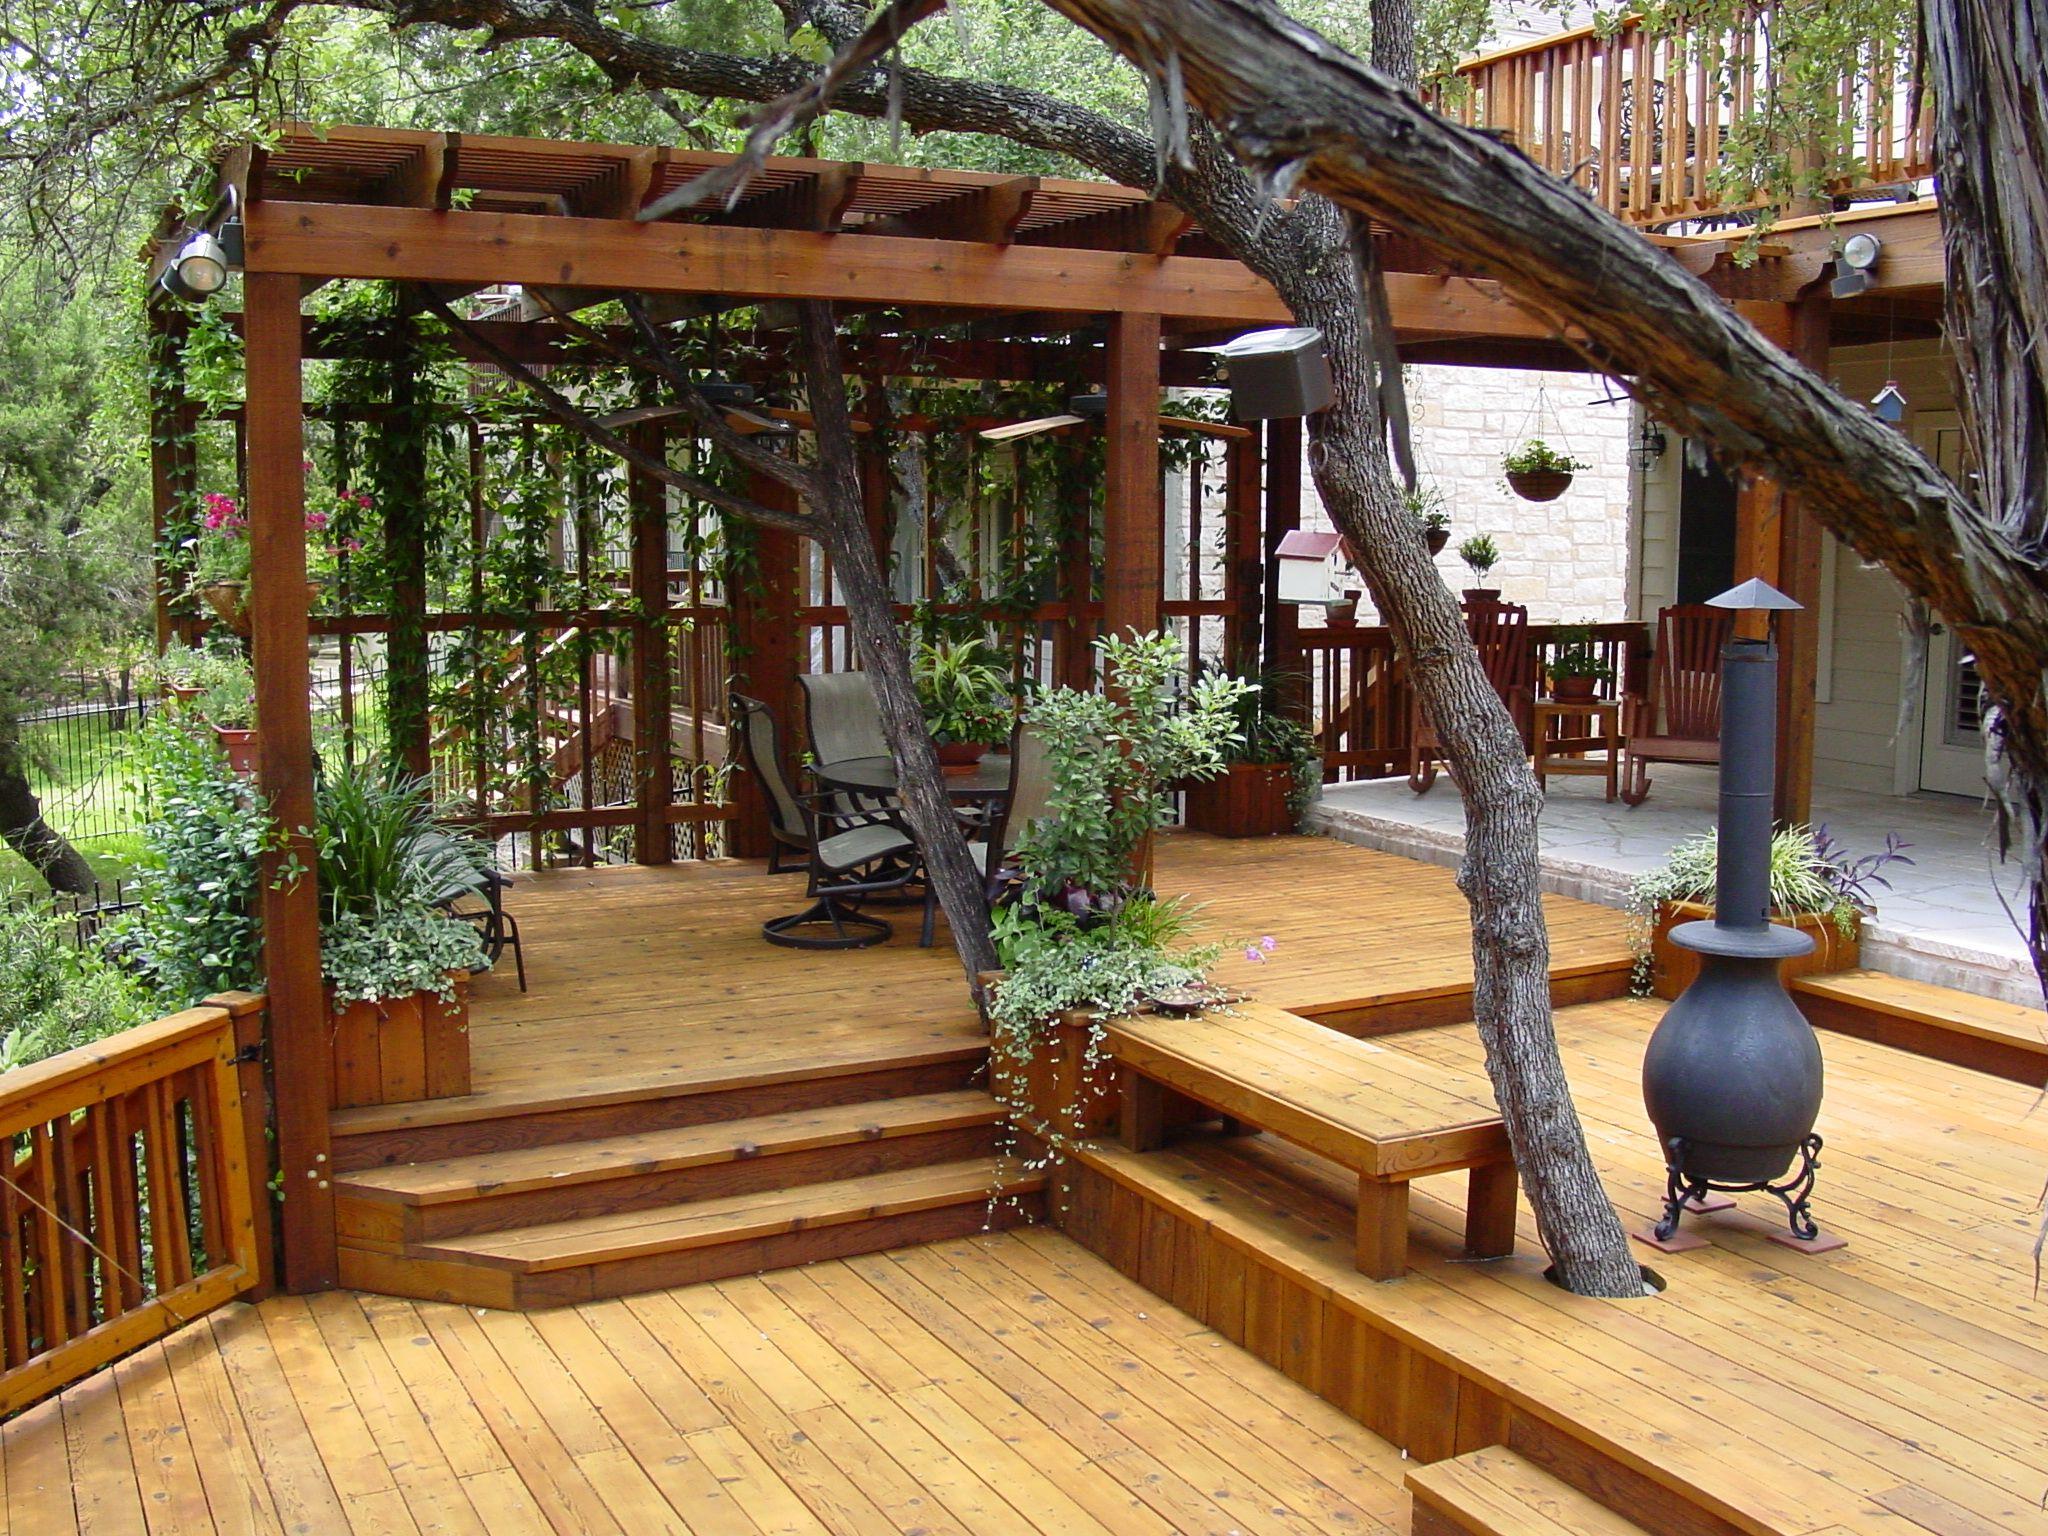 Exterior Smart Design For Pergola Patio Ideas Elegant Pergola Patio Ideas With Natural Concept Ideas Wi Pergola Patio Deck Designs Backyard Deck With Pergola